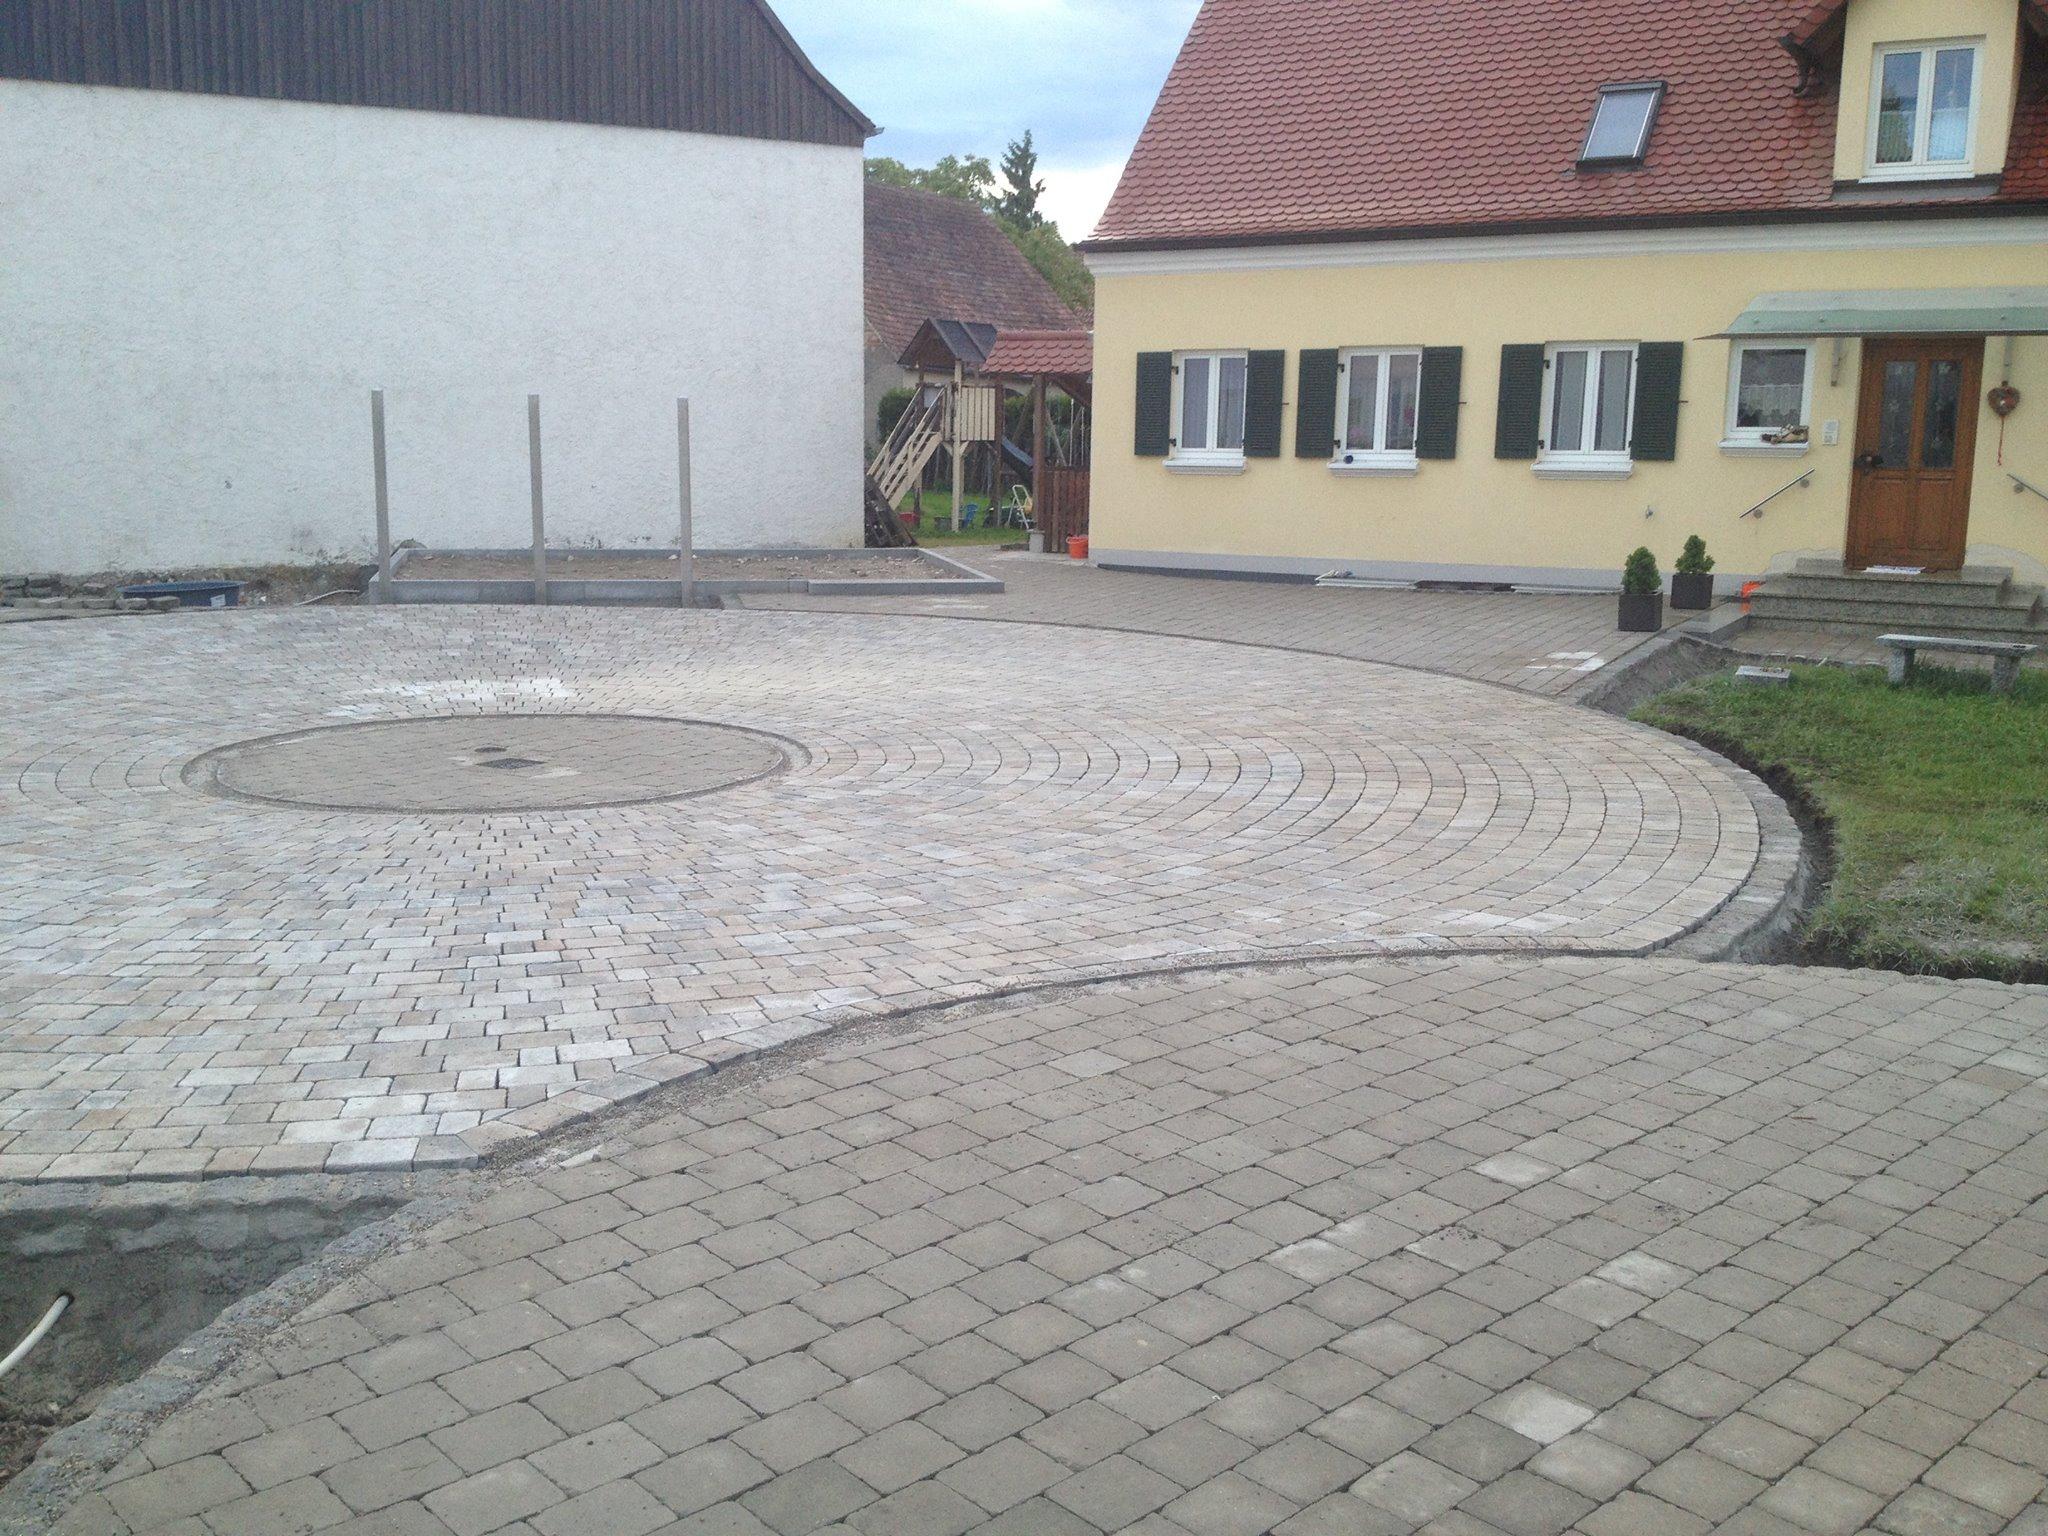 kreis-pflaster 300 m² | cocoon gartenkonzepte